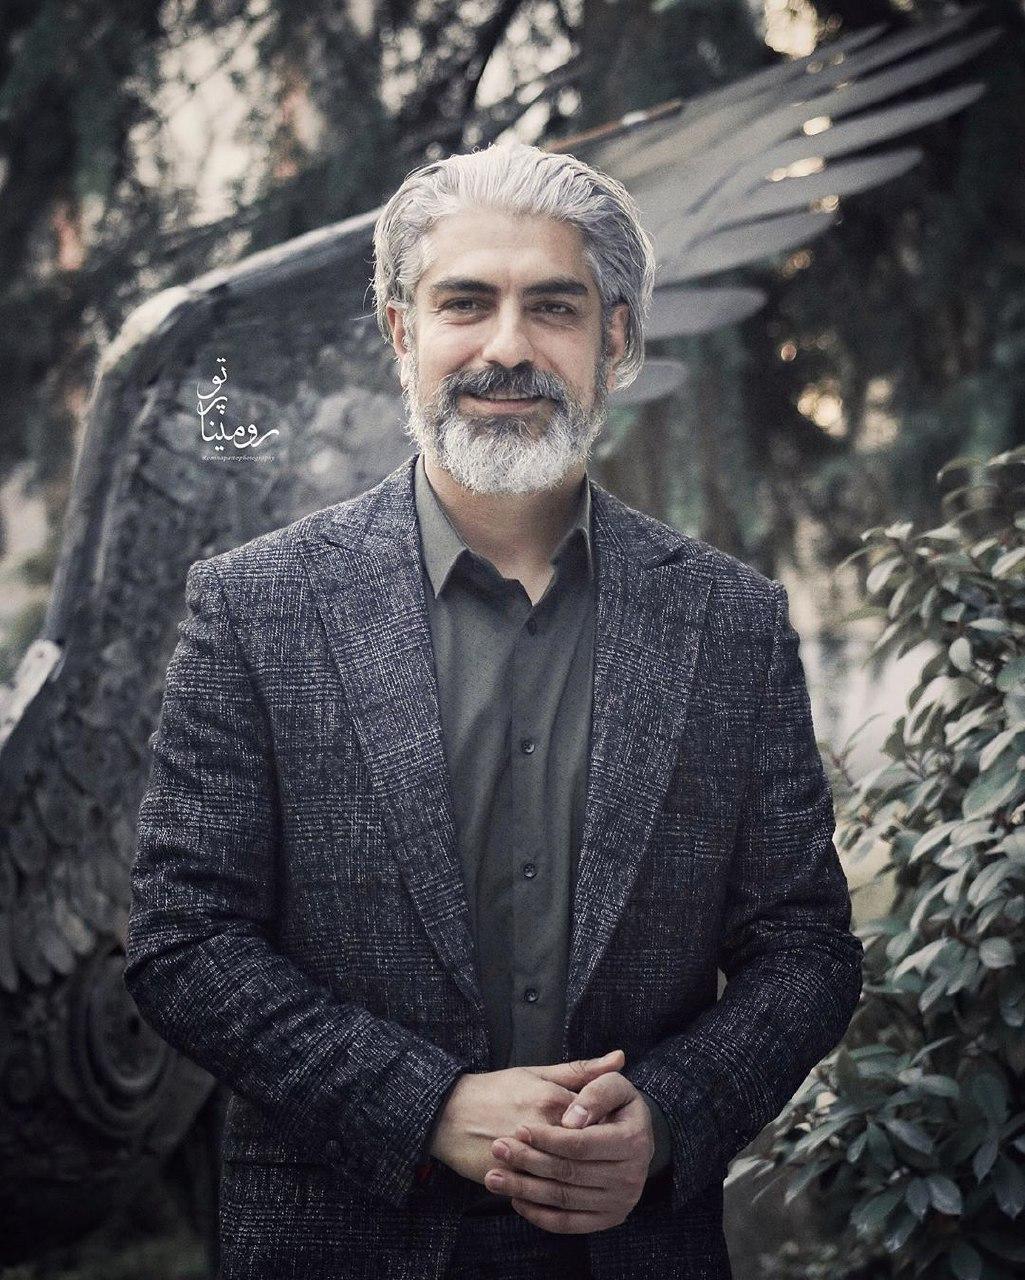 مهدی پاکدل در نمایشگاه عکس مکث روی سکوت